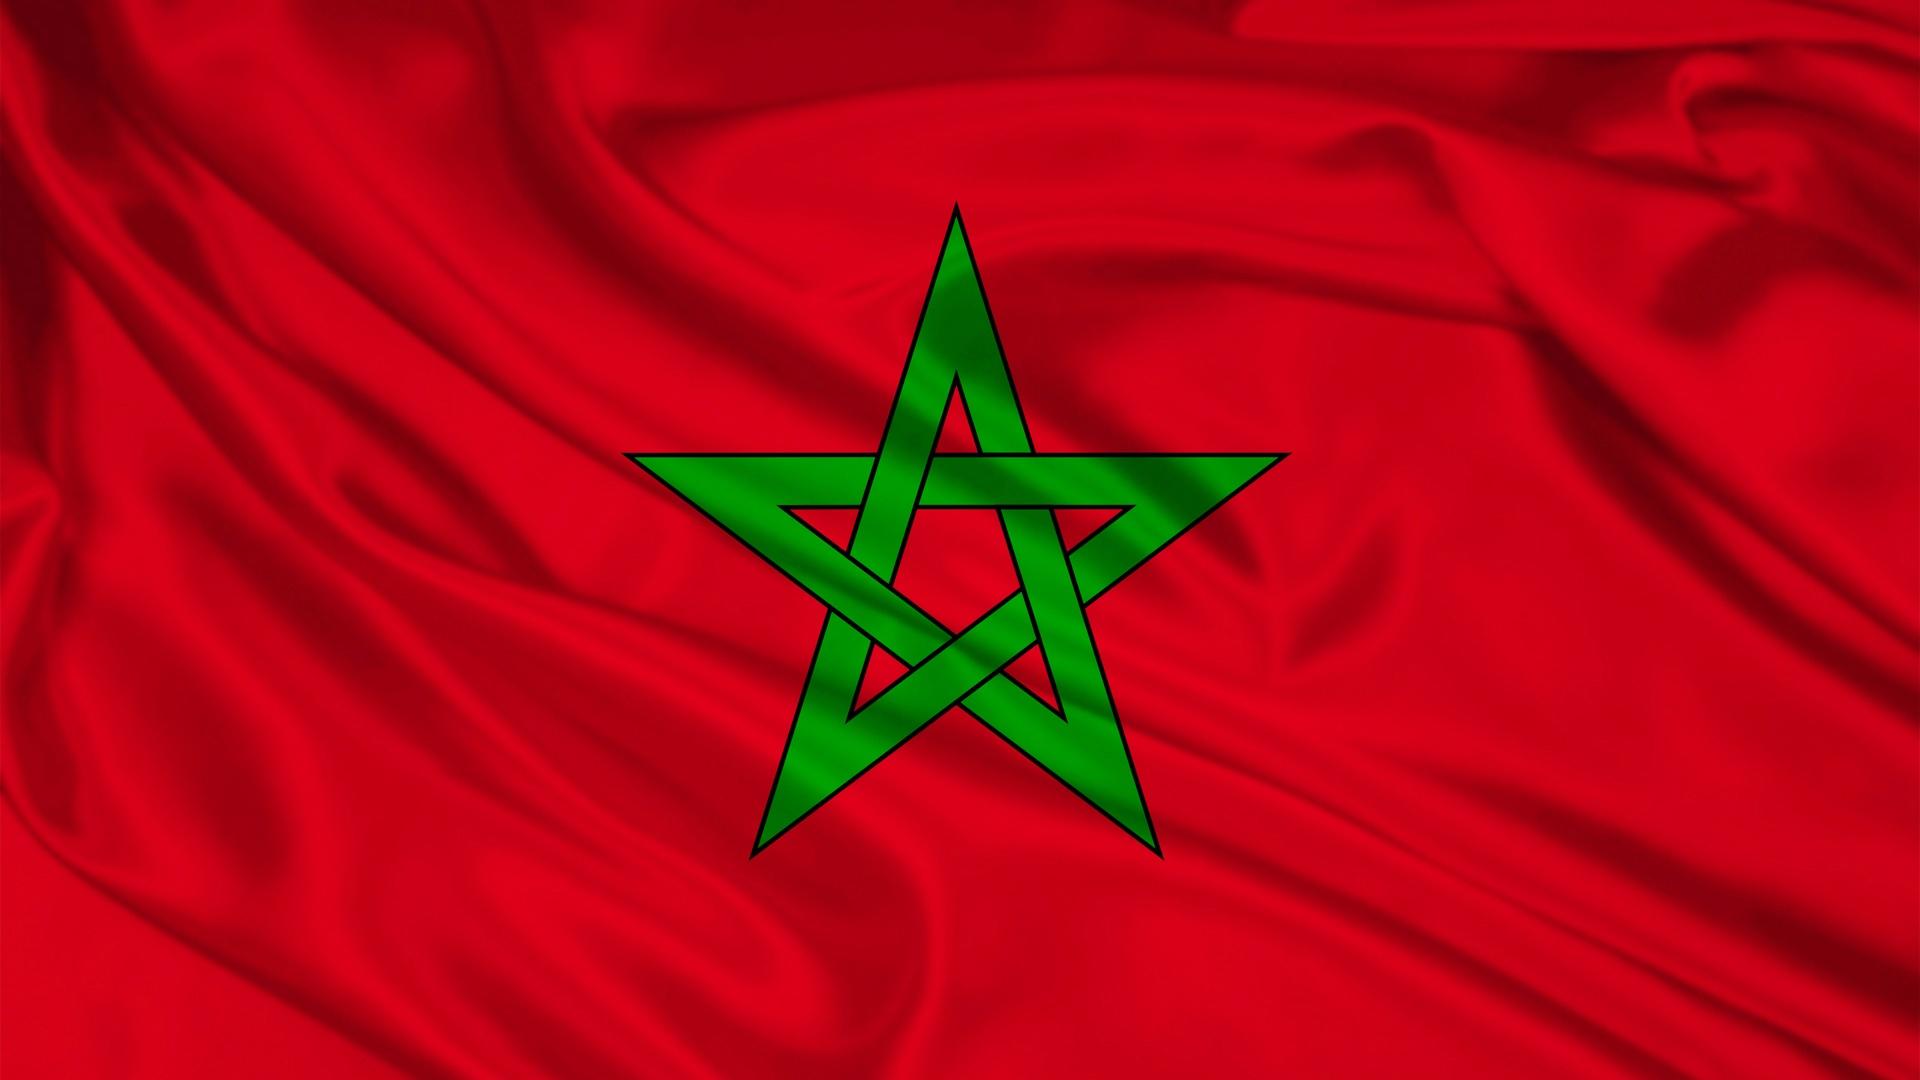 بالصور علم المغرب , الراية الرسمية للمملكة المغربية بالصور 2482 1